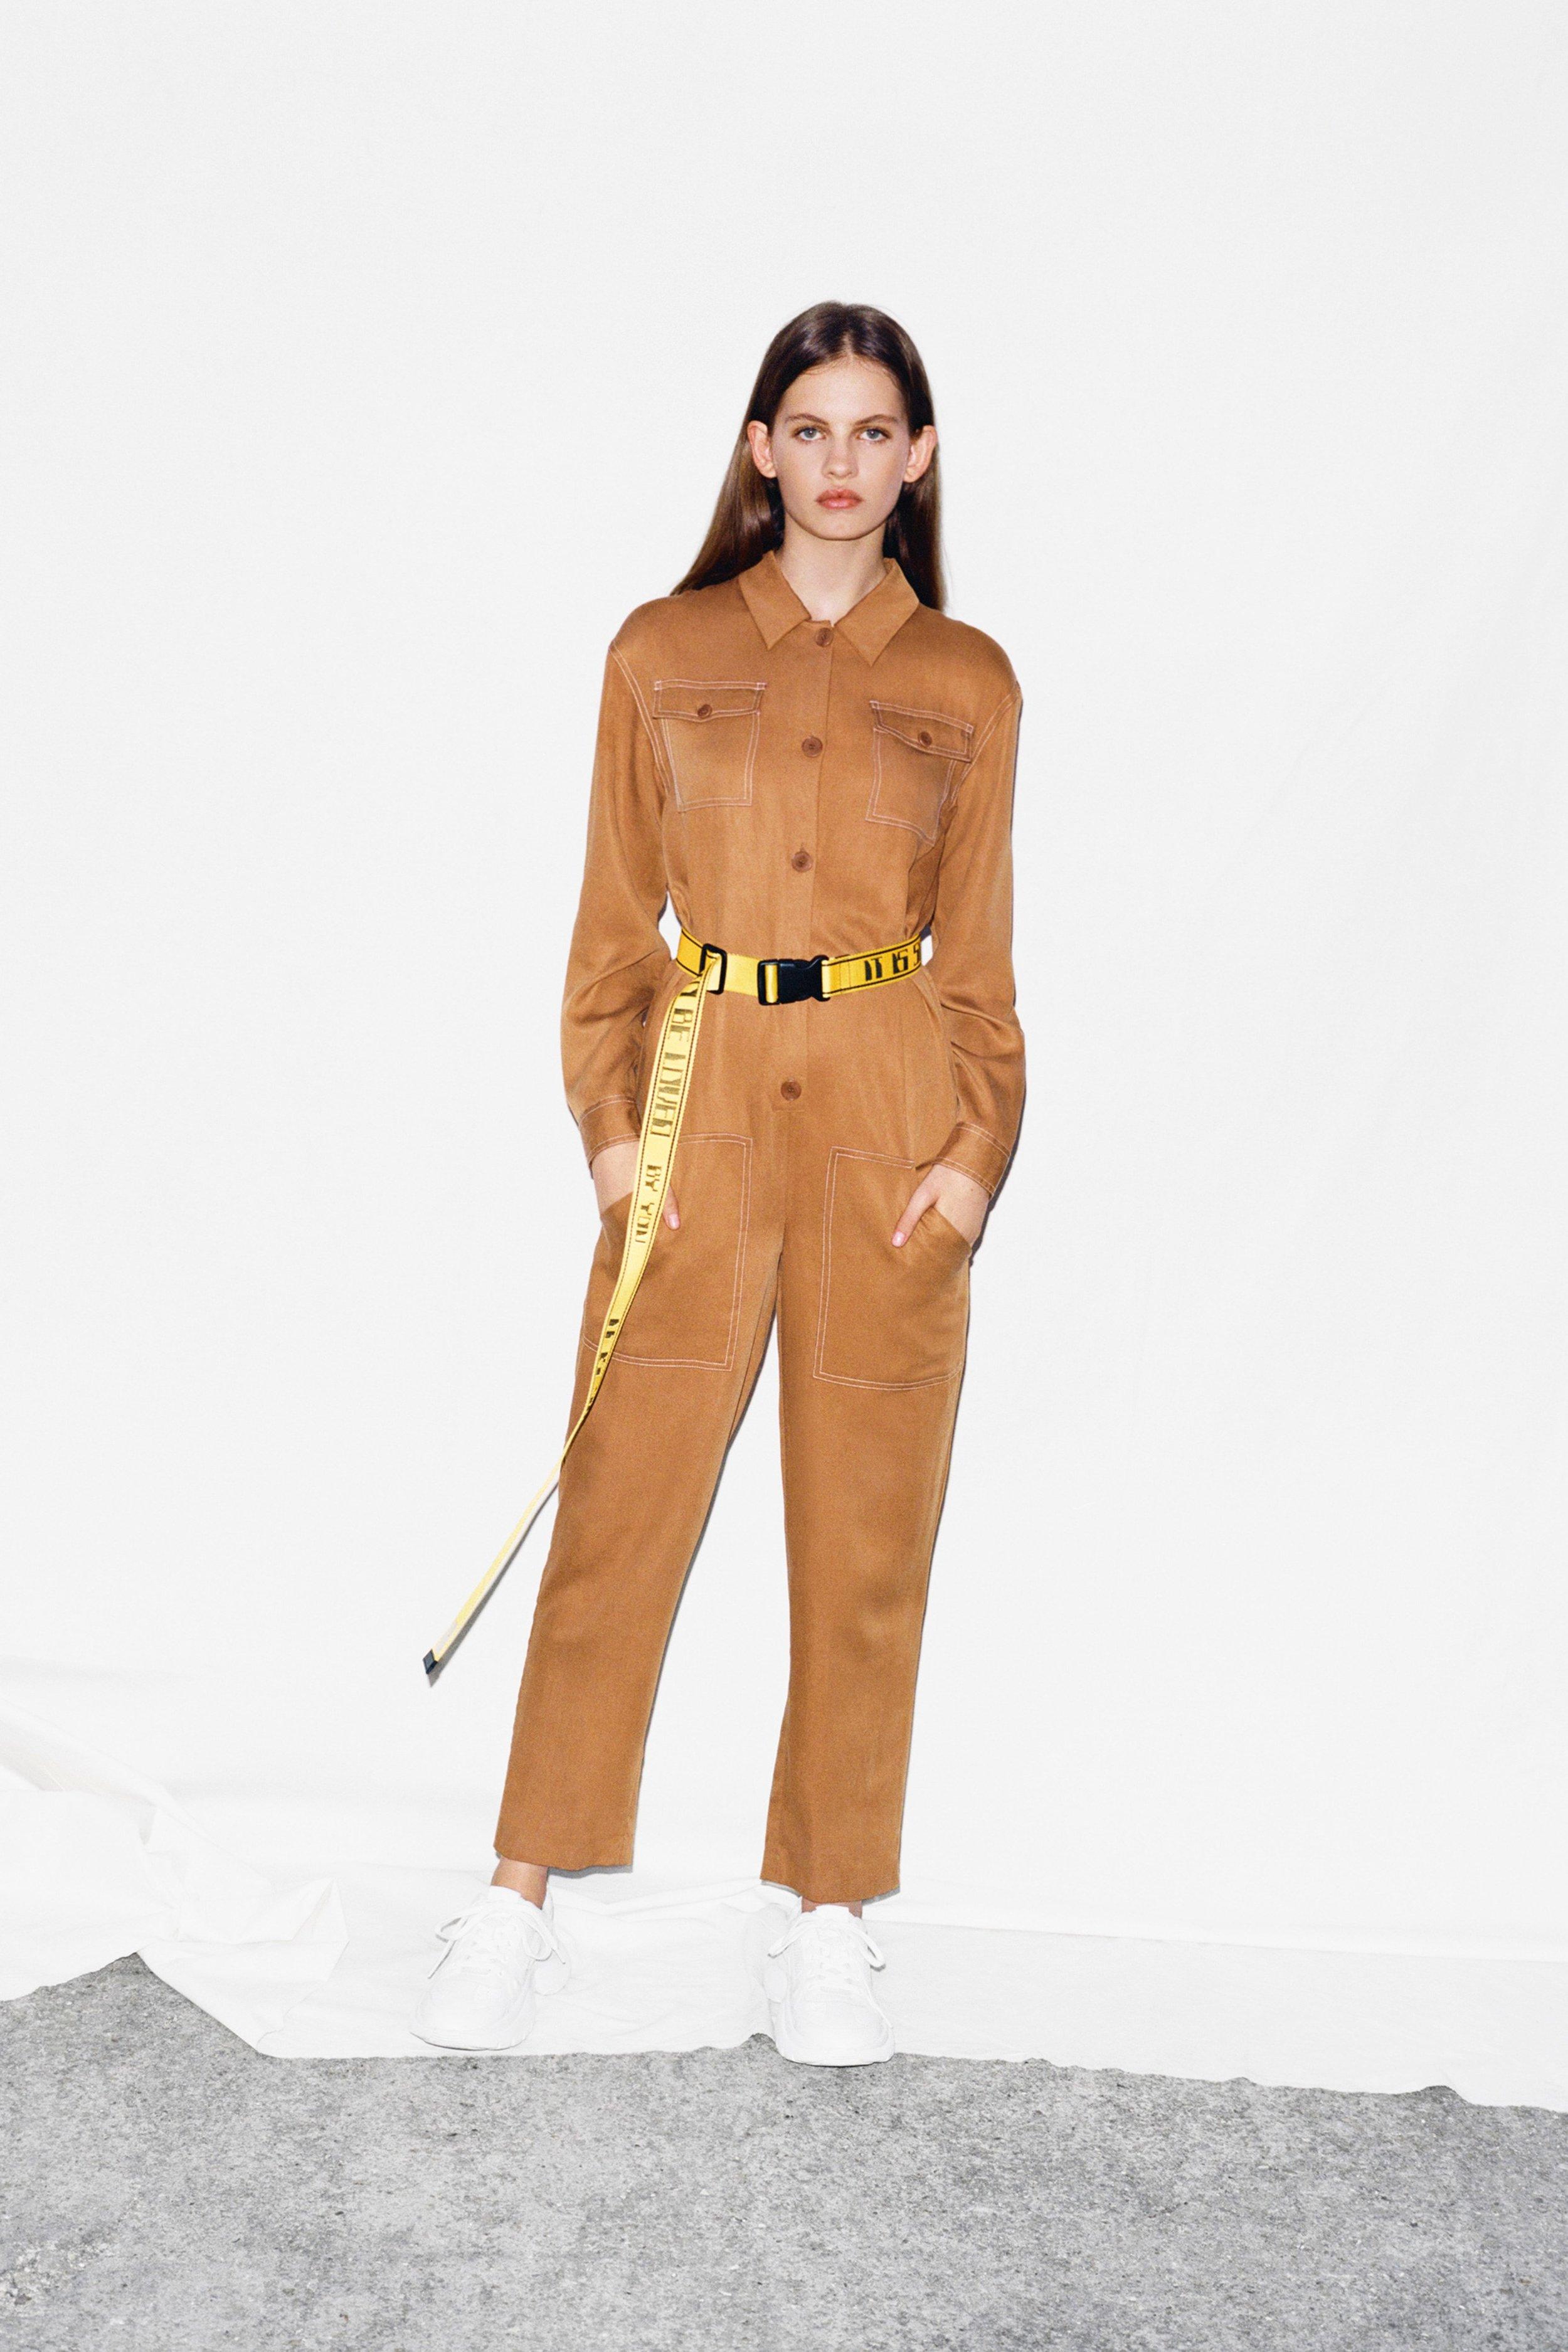 00003-maje-spring-2019-ready-to-wear.jpg